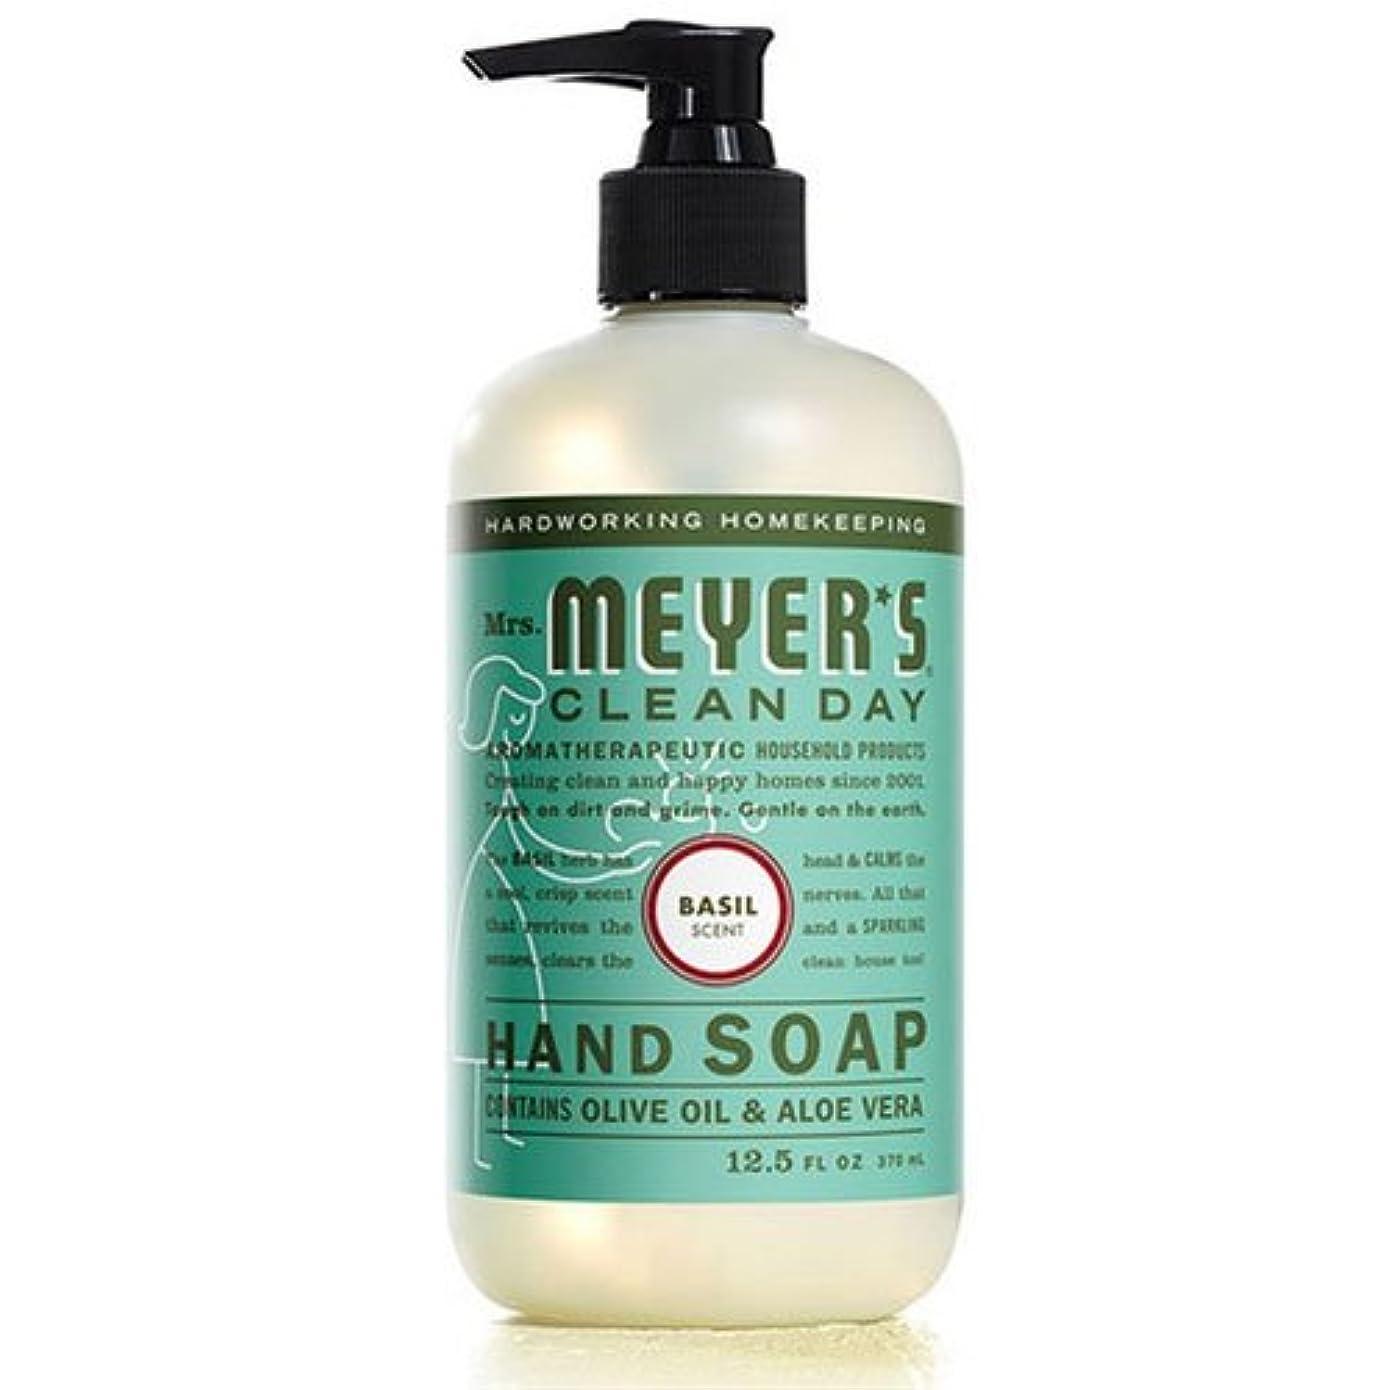 重量暖かさドライMrs. Meyers's Hand Soap, Liq, Basil, 12.5 FZ by Mrs. Meyers